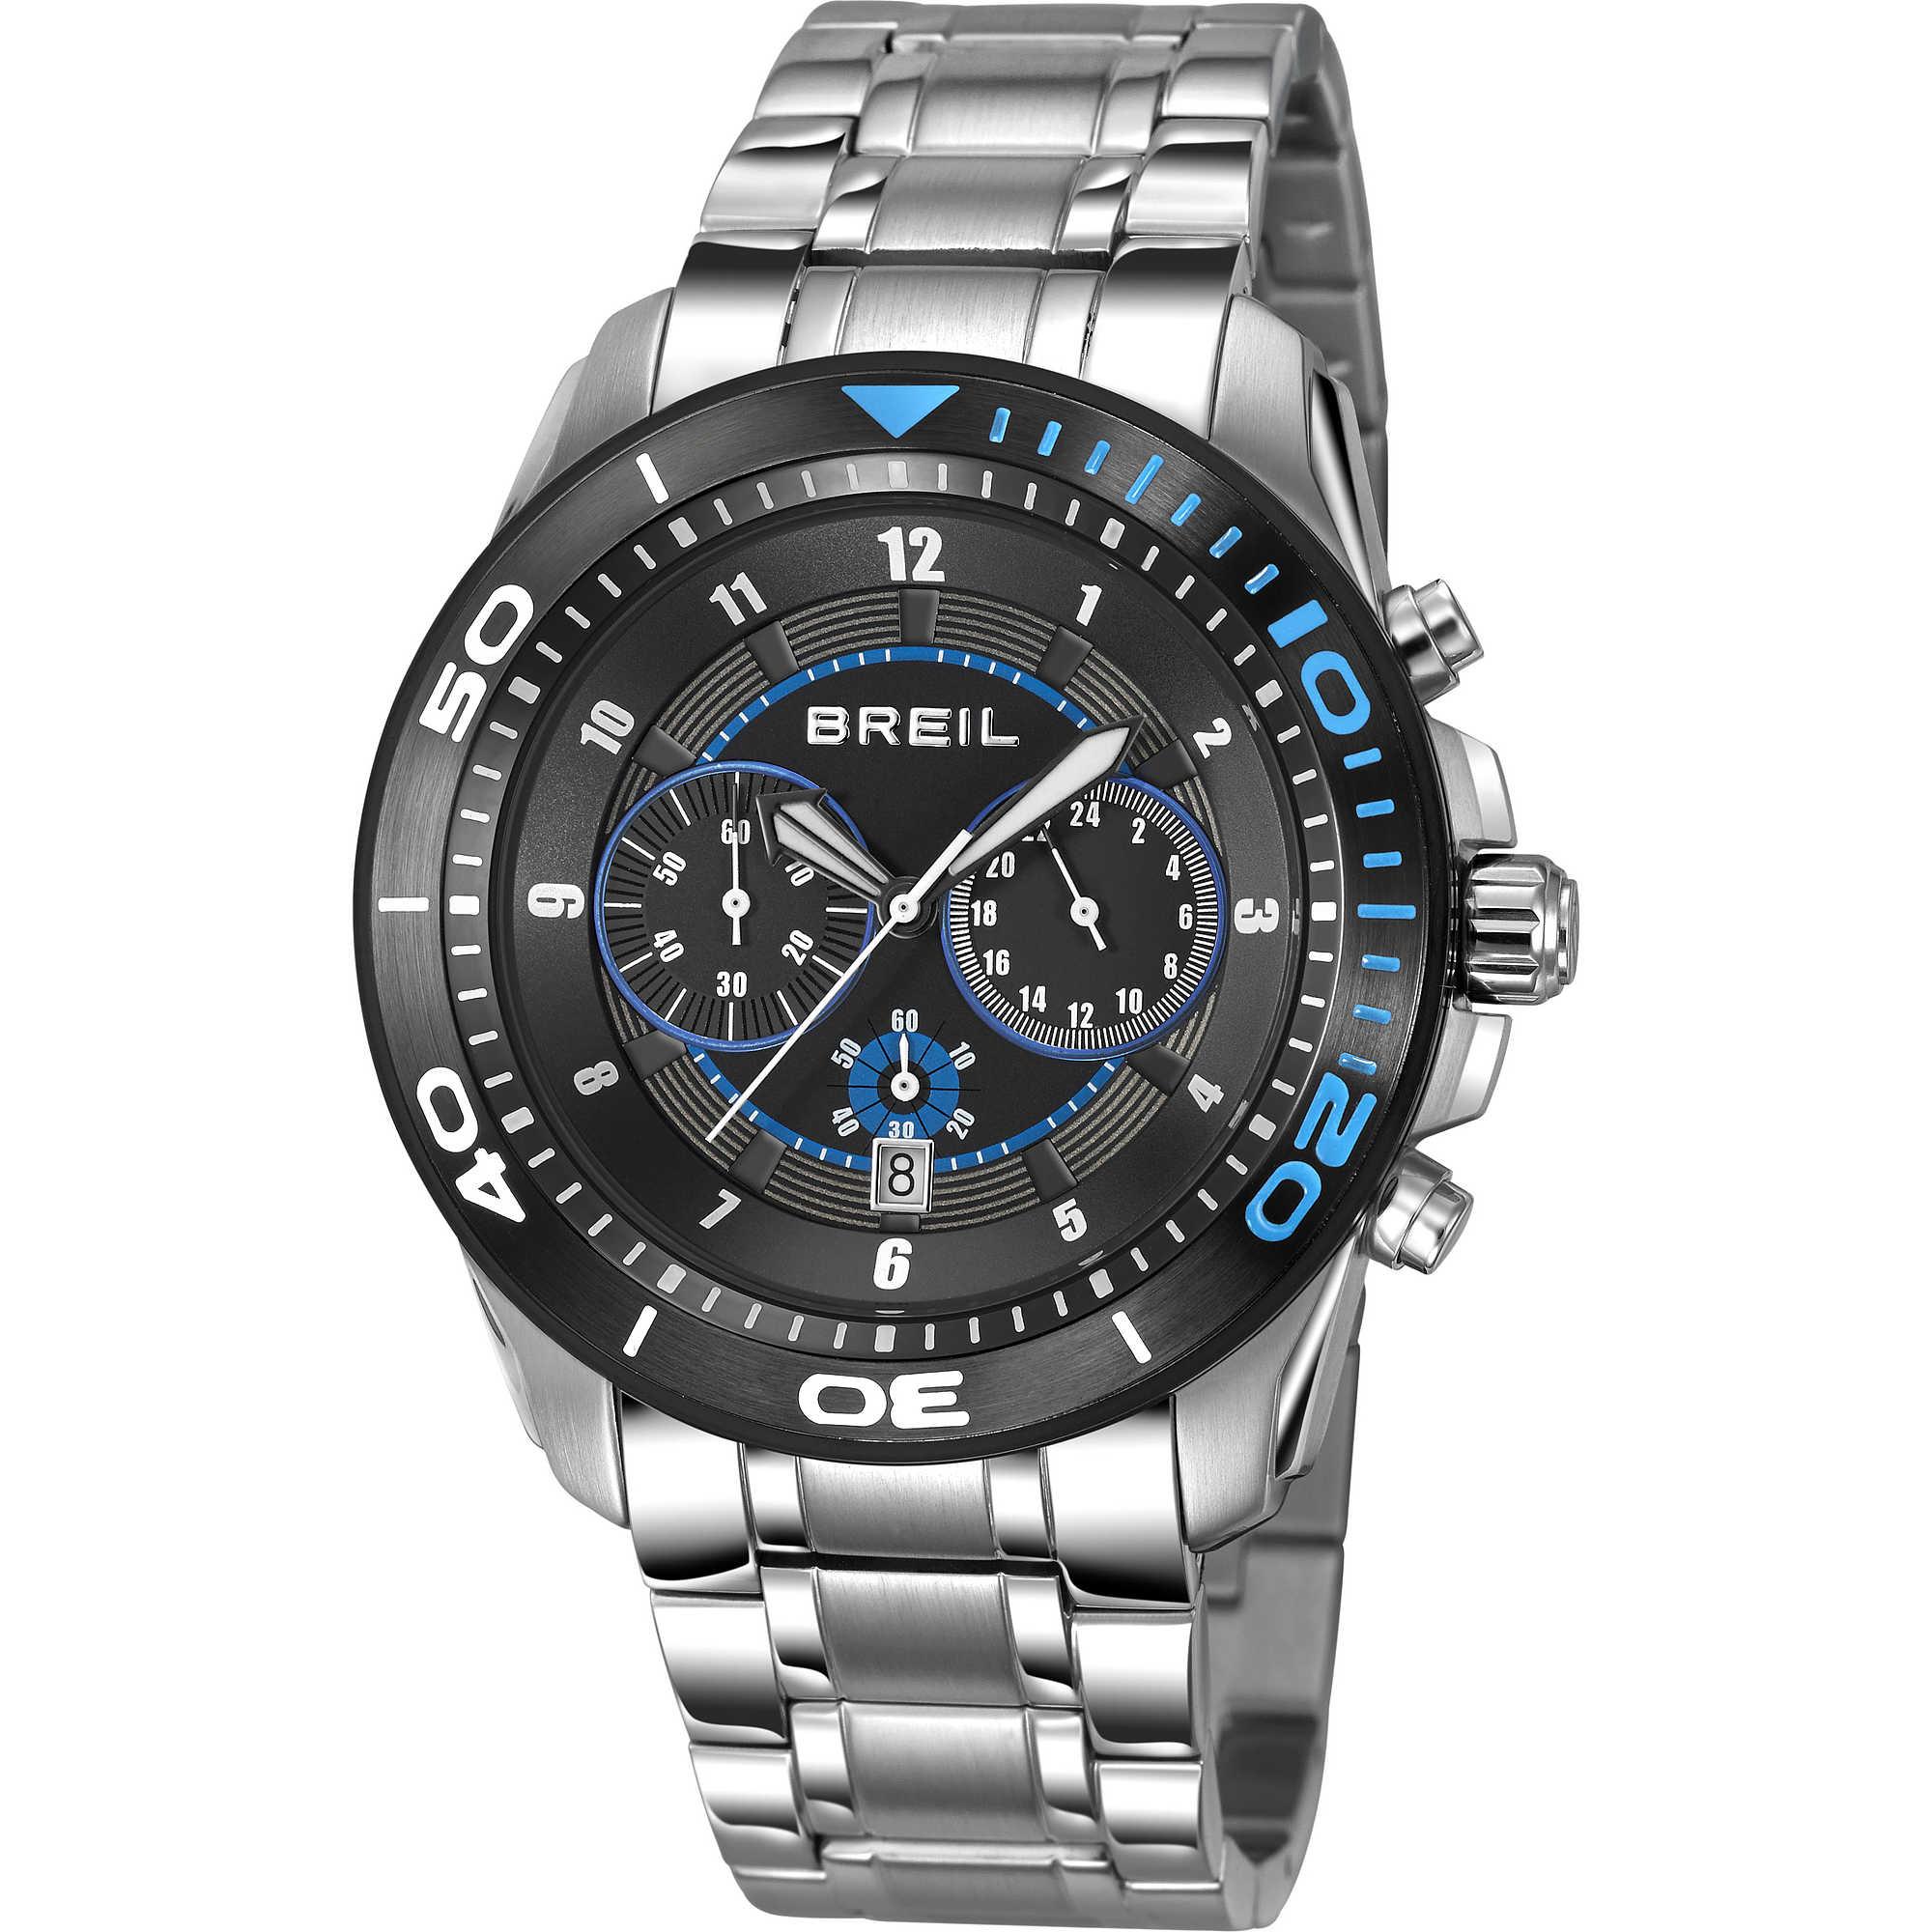 ac2d0820fe0 orologio cronografo uomo Breil Edge TW1287 cronografi Breil